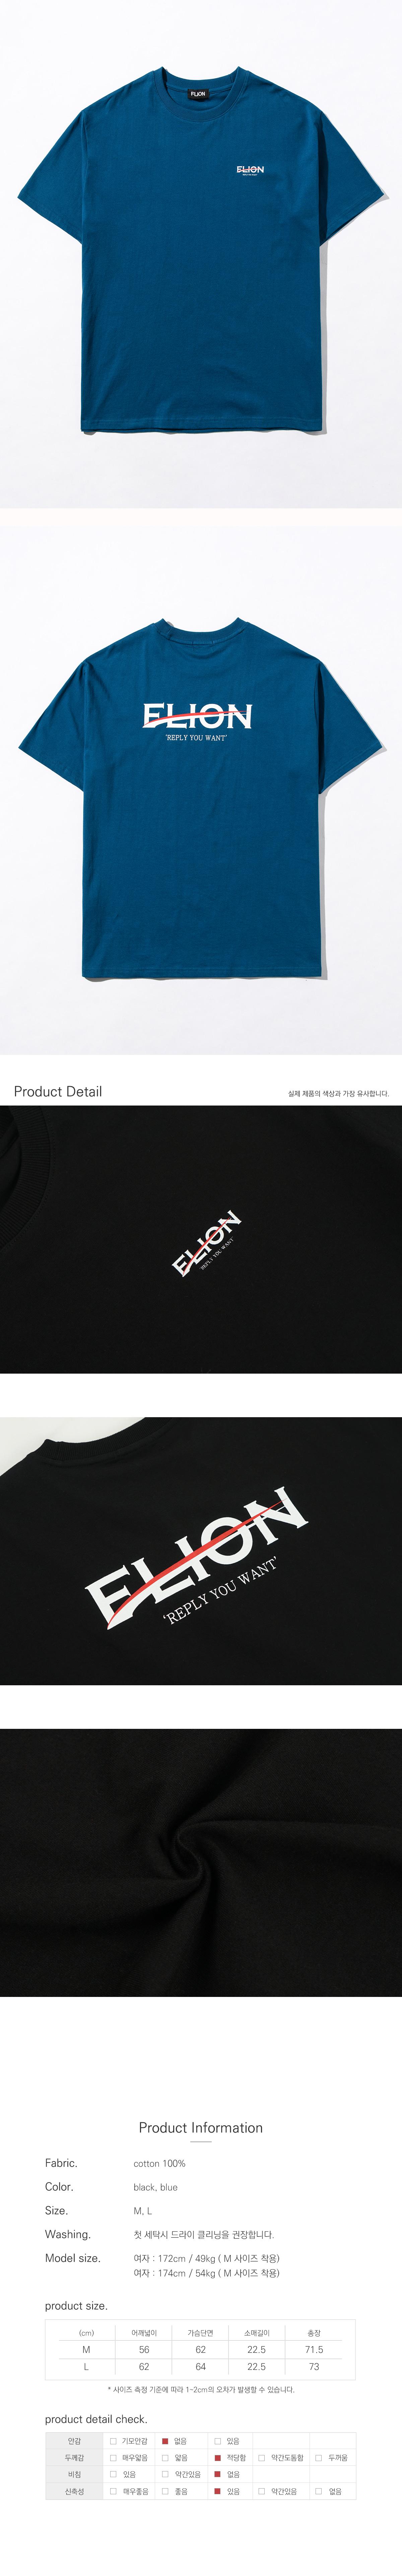 플리온(FLION) 커버라인 로고 반팔 - 블루